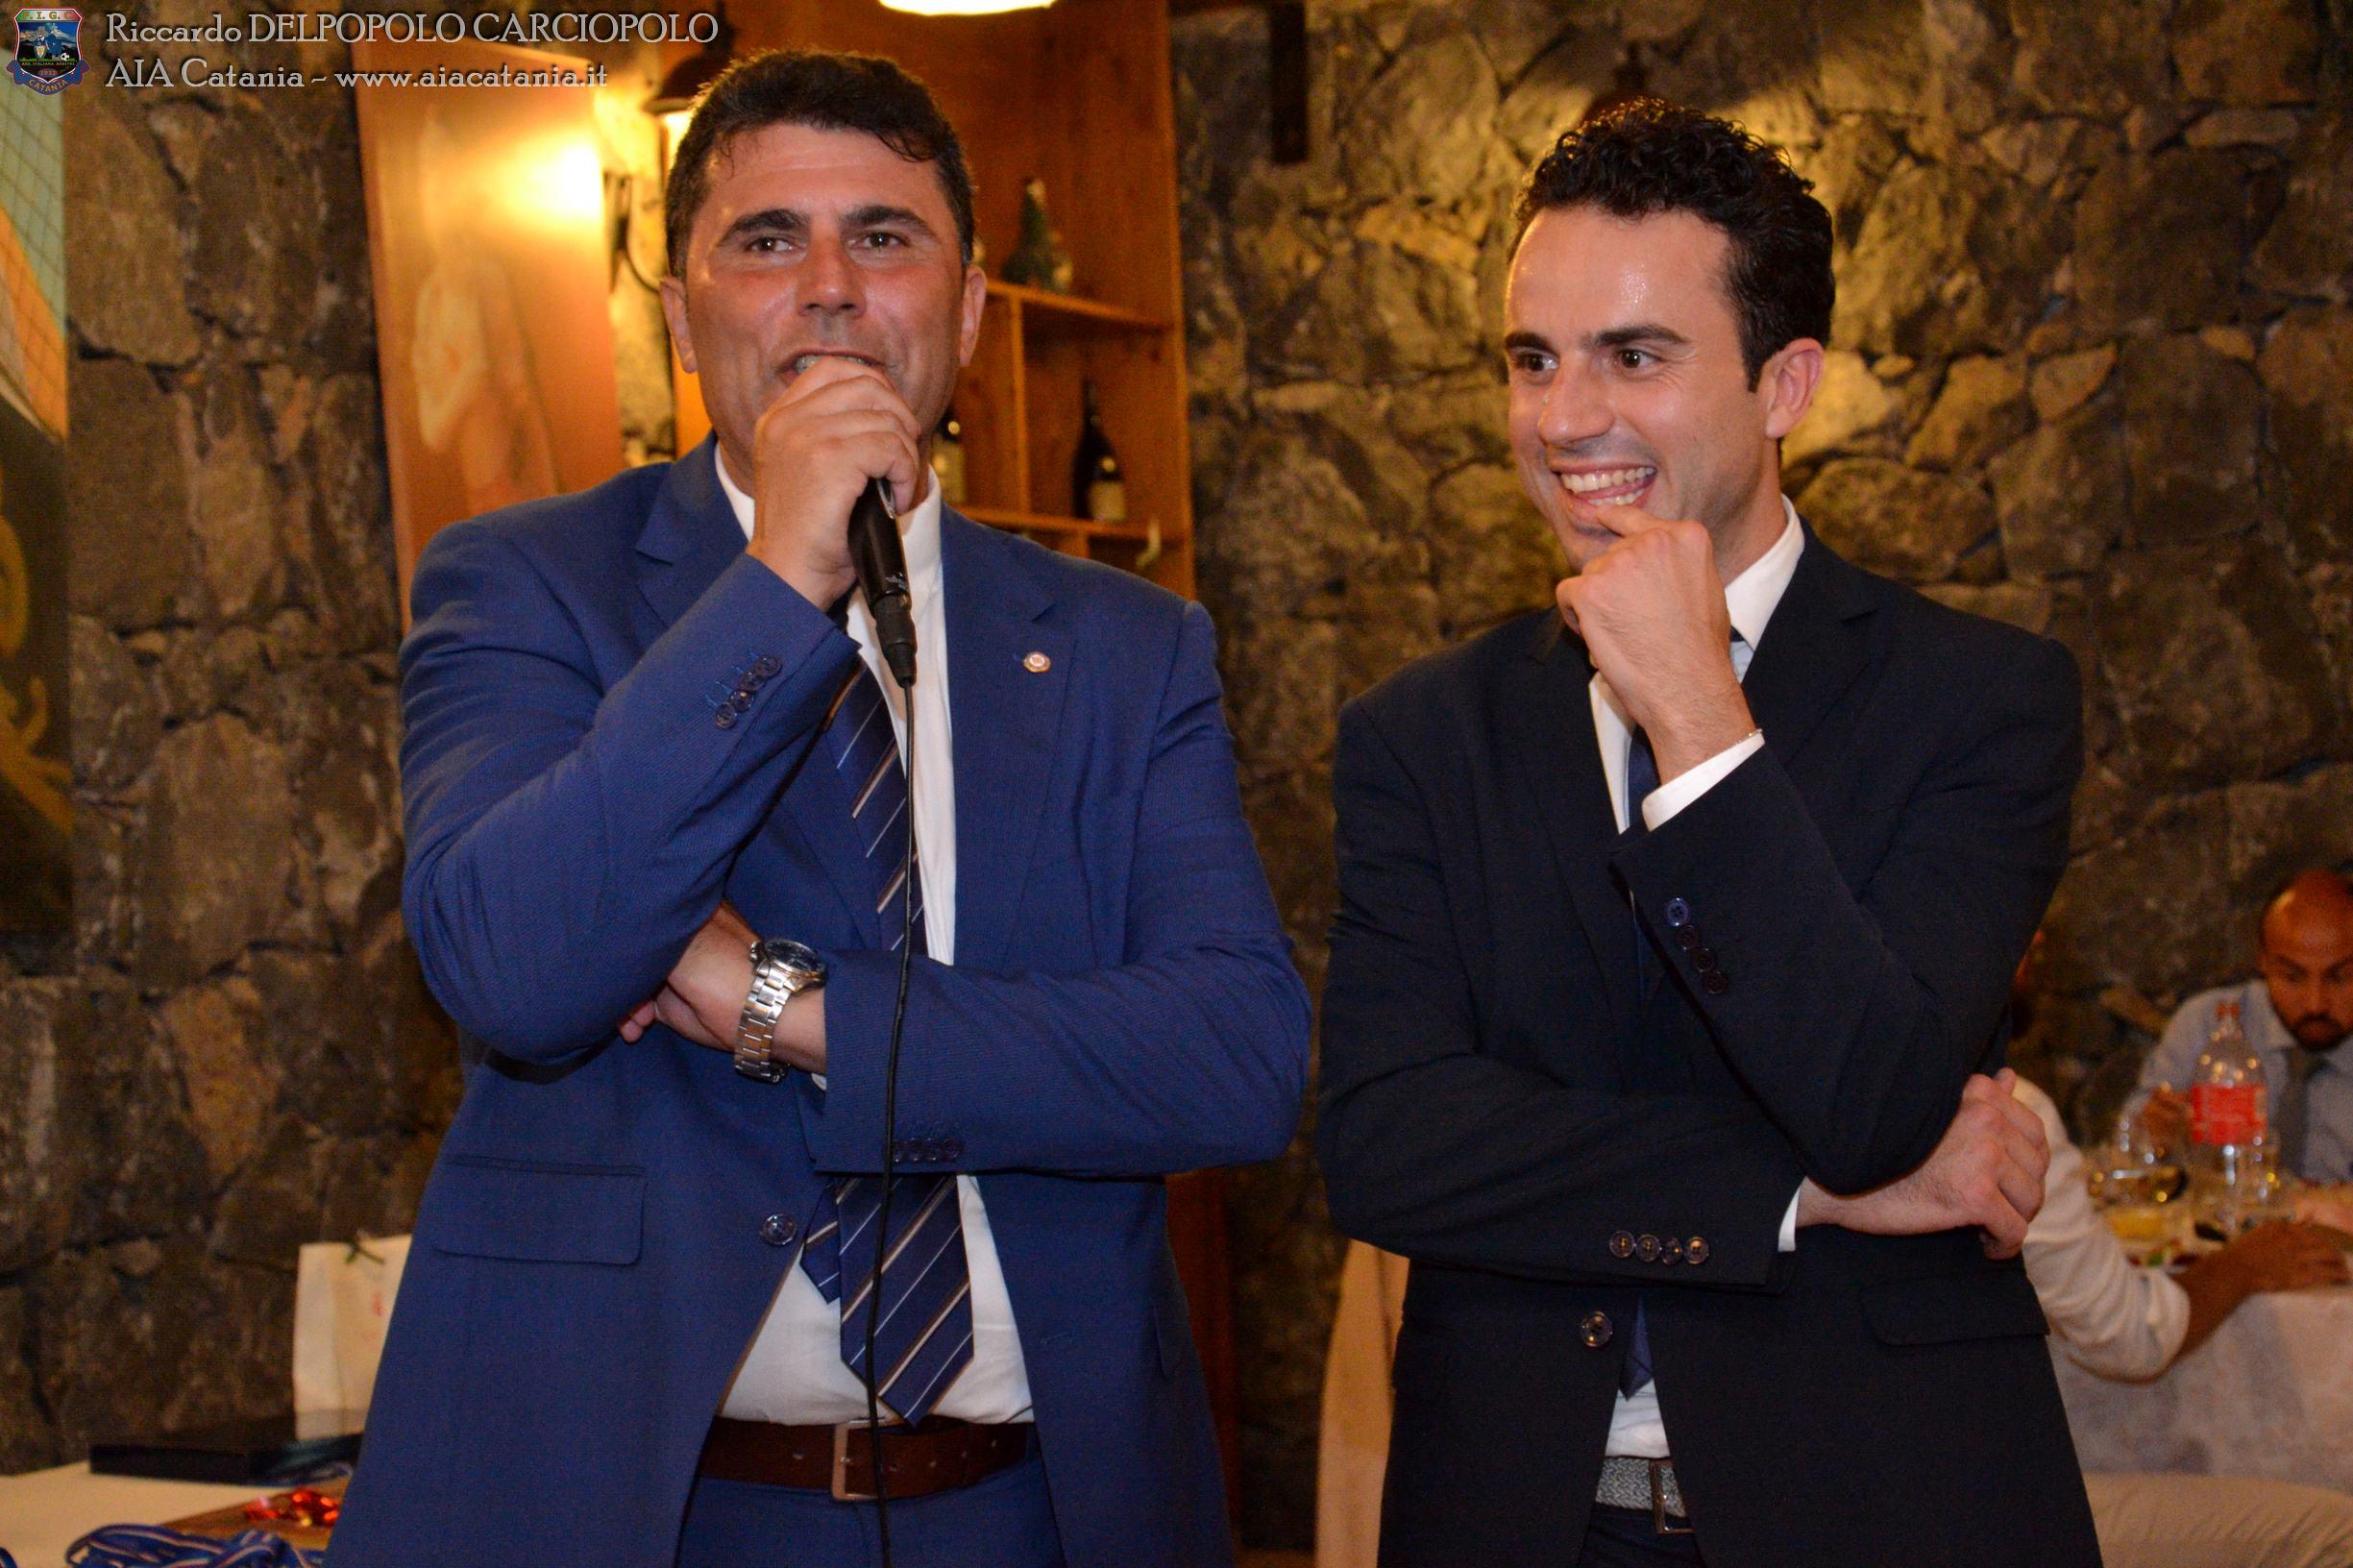 A.E. Luigi FICHERA premiato alla carriera consegnato da Cirino LONGO Presidente della sezione di AIA di CATANIA.